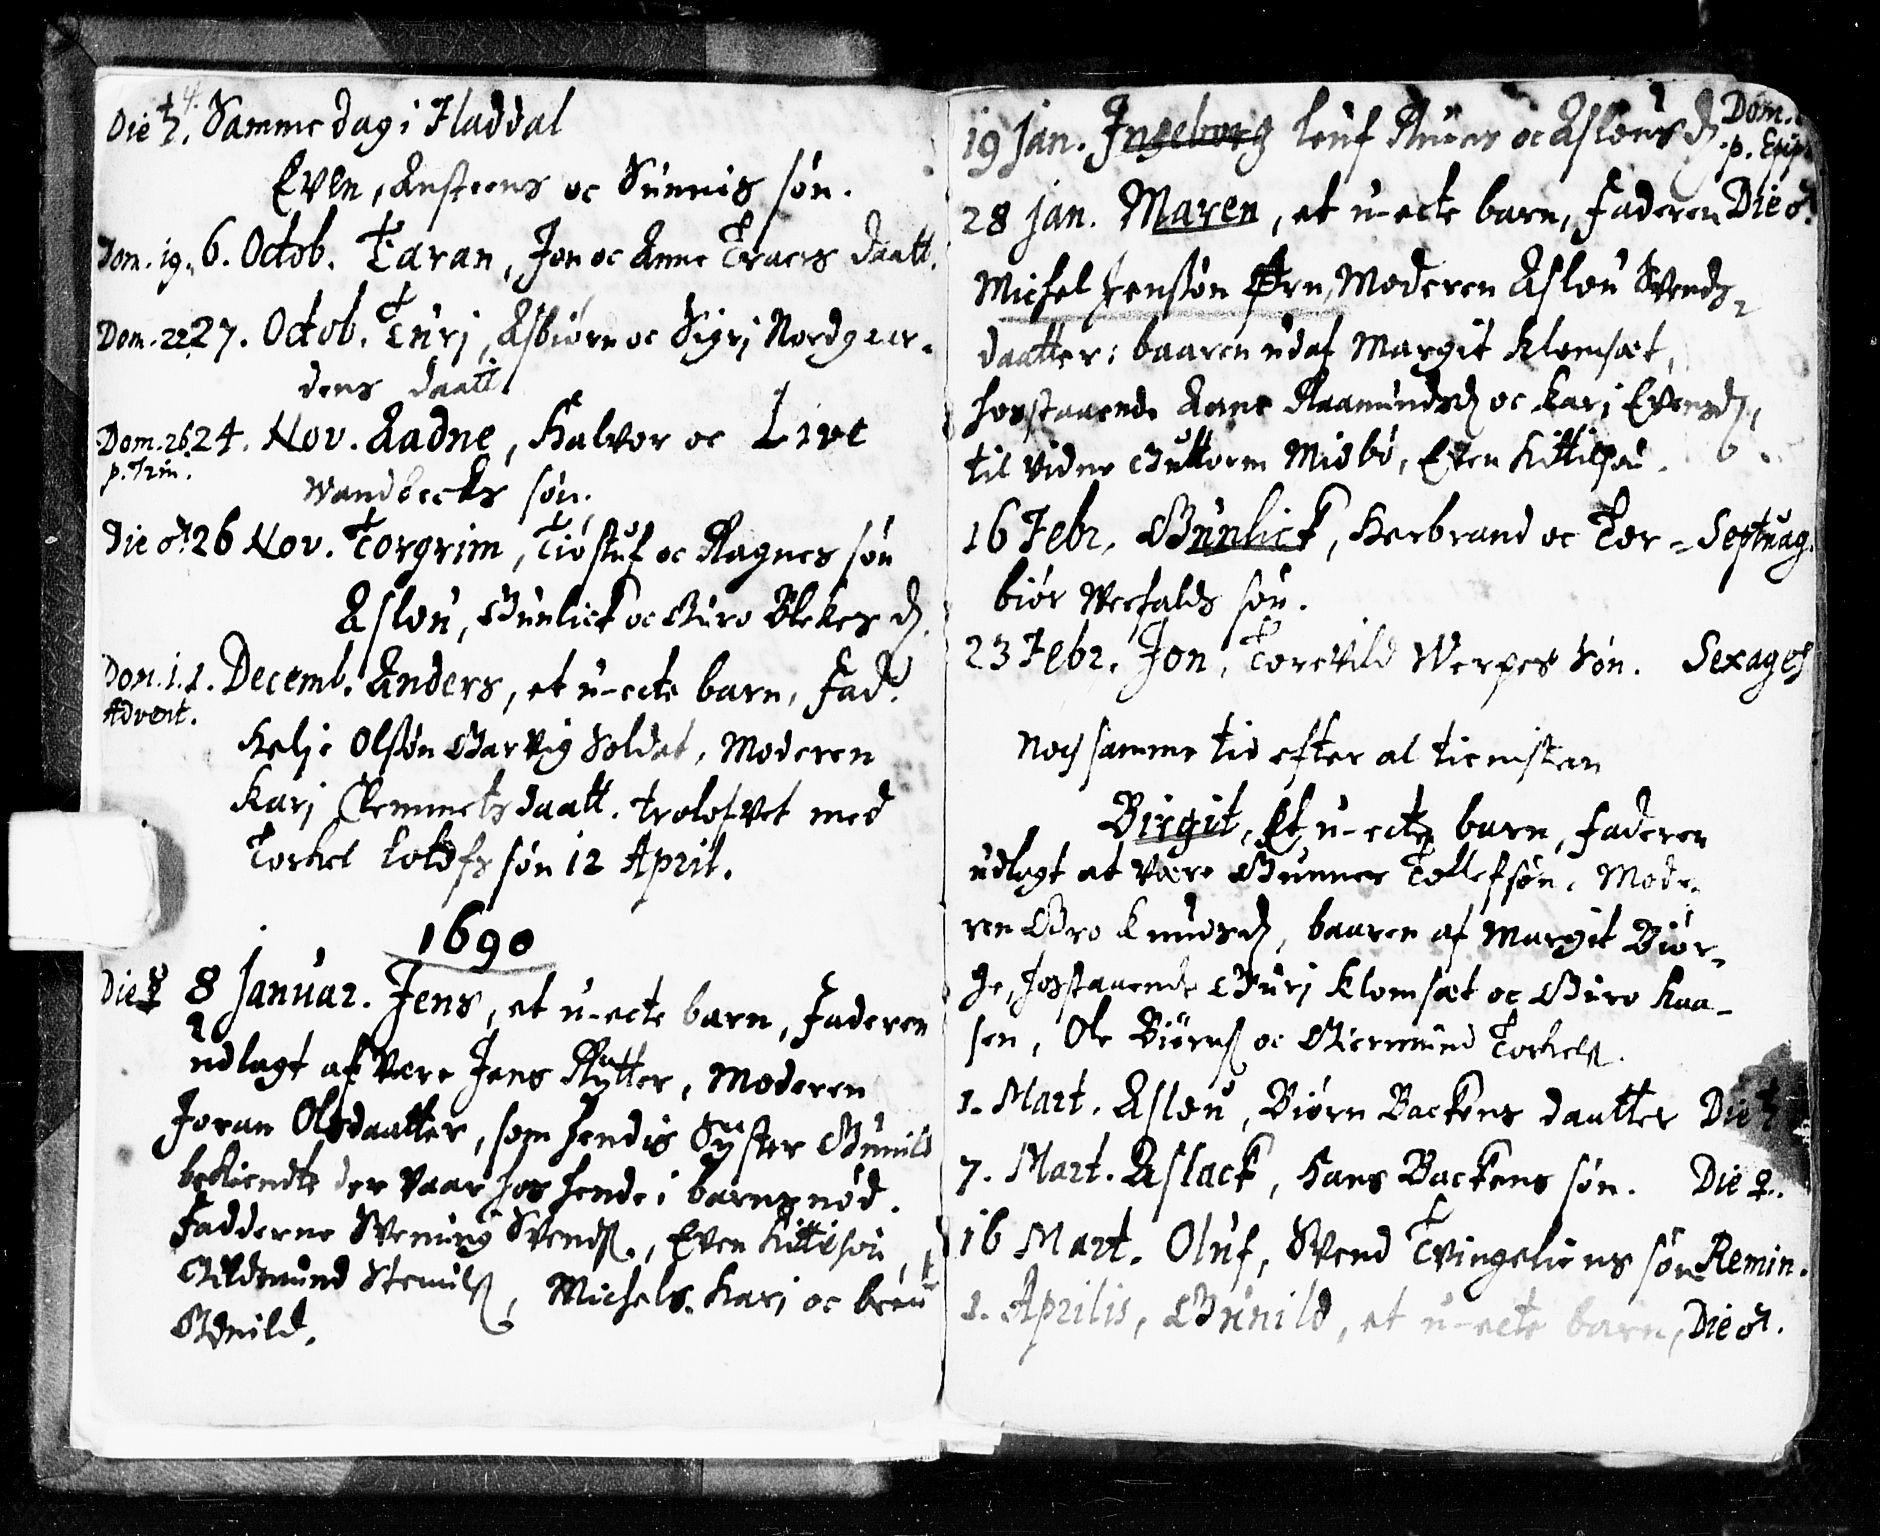 SAKO, Seljord kirkebøker, F/Fa/L0002: Ministerialbok nr. I 2, 1689-1713, s. 4-5